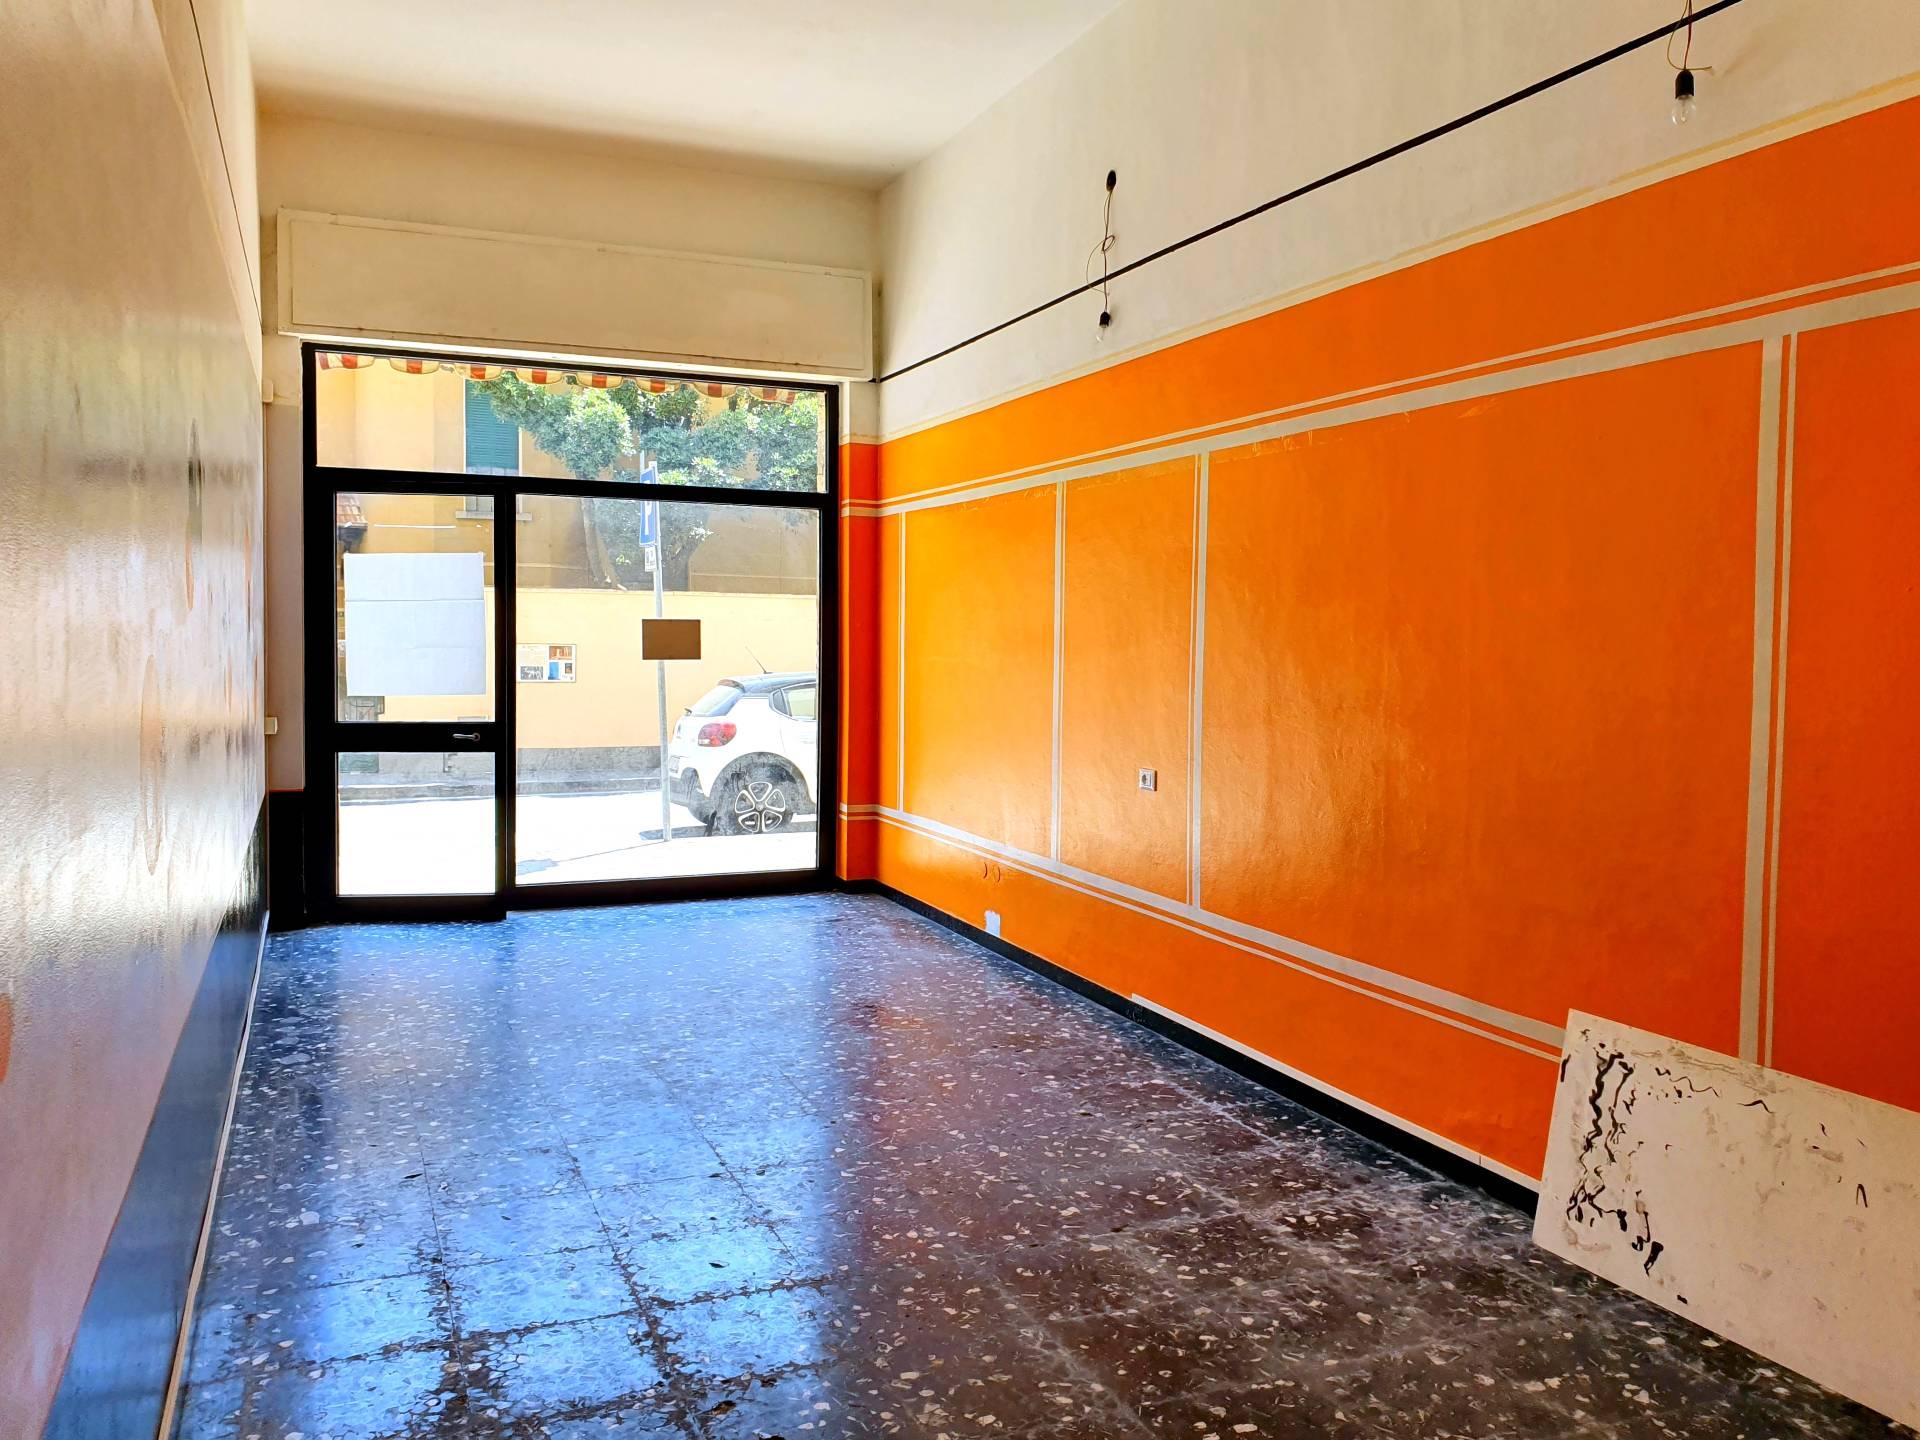 UFFICIO in Affitto a Borgio, Borgio Verezzi (SAVONA)